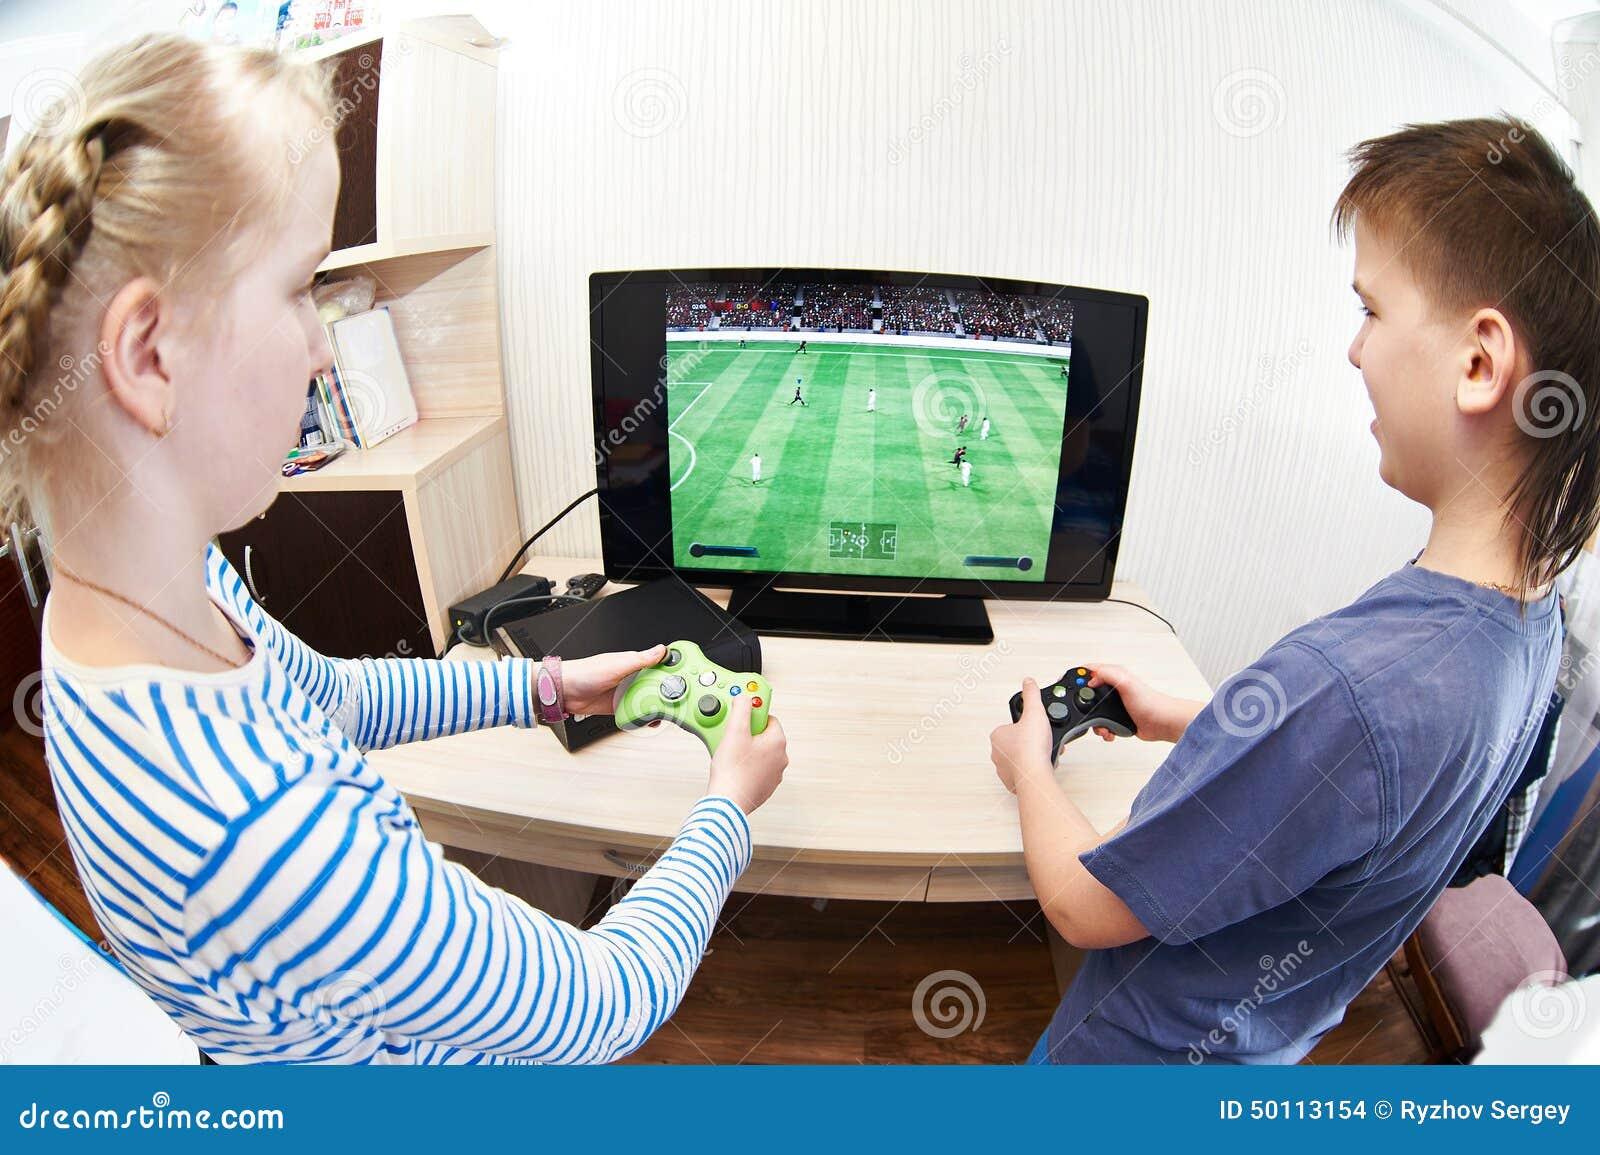 El jugar de ni os en la consola de los juegos para jugar a for Sillas para jugar xbox